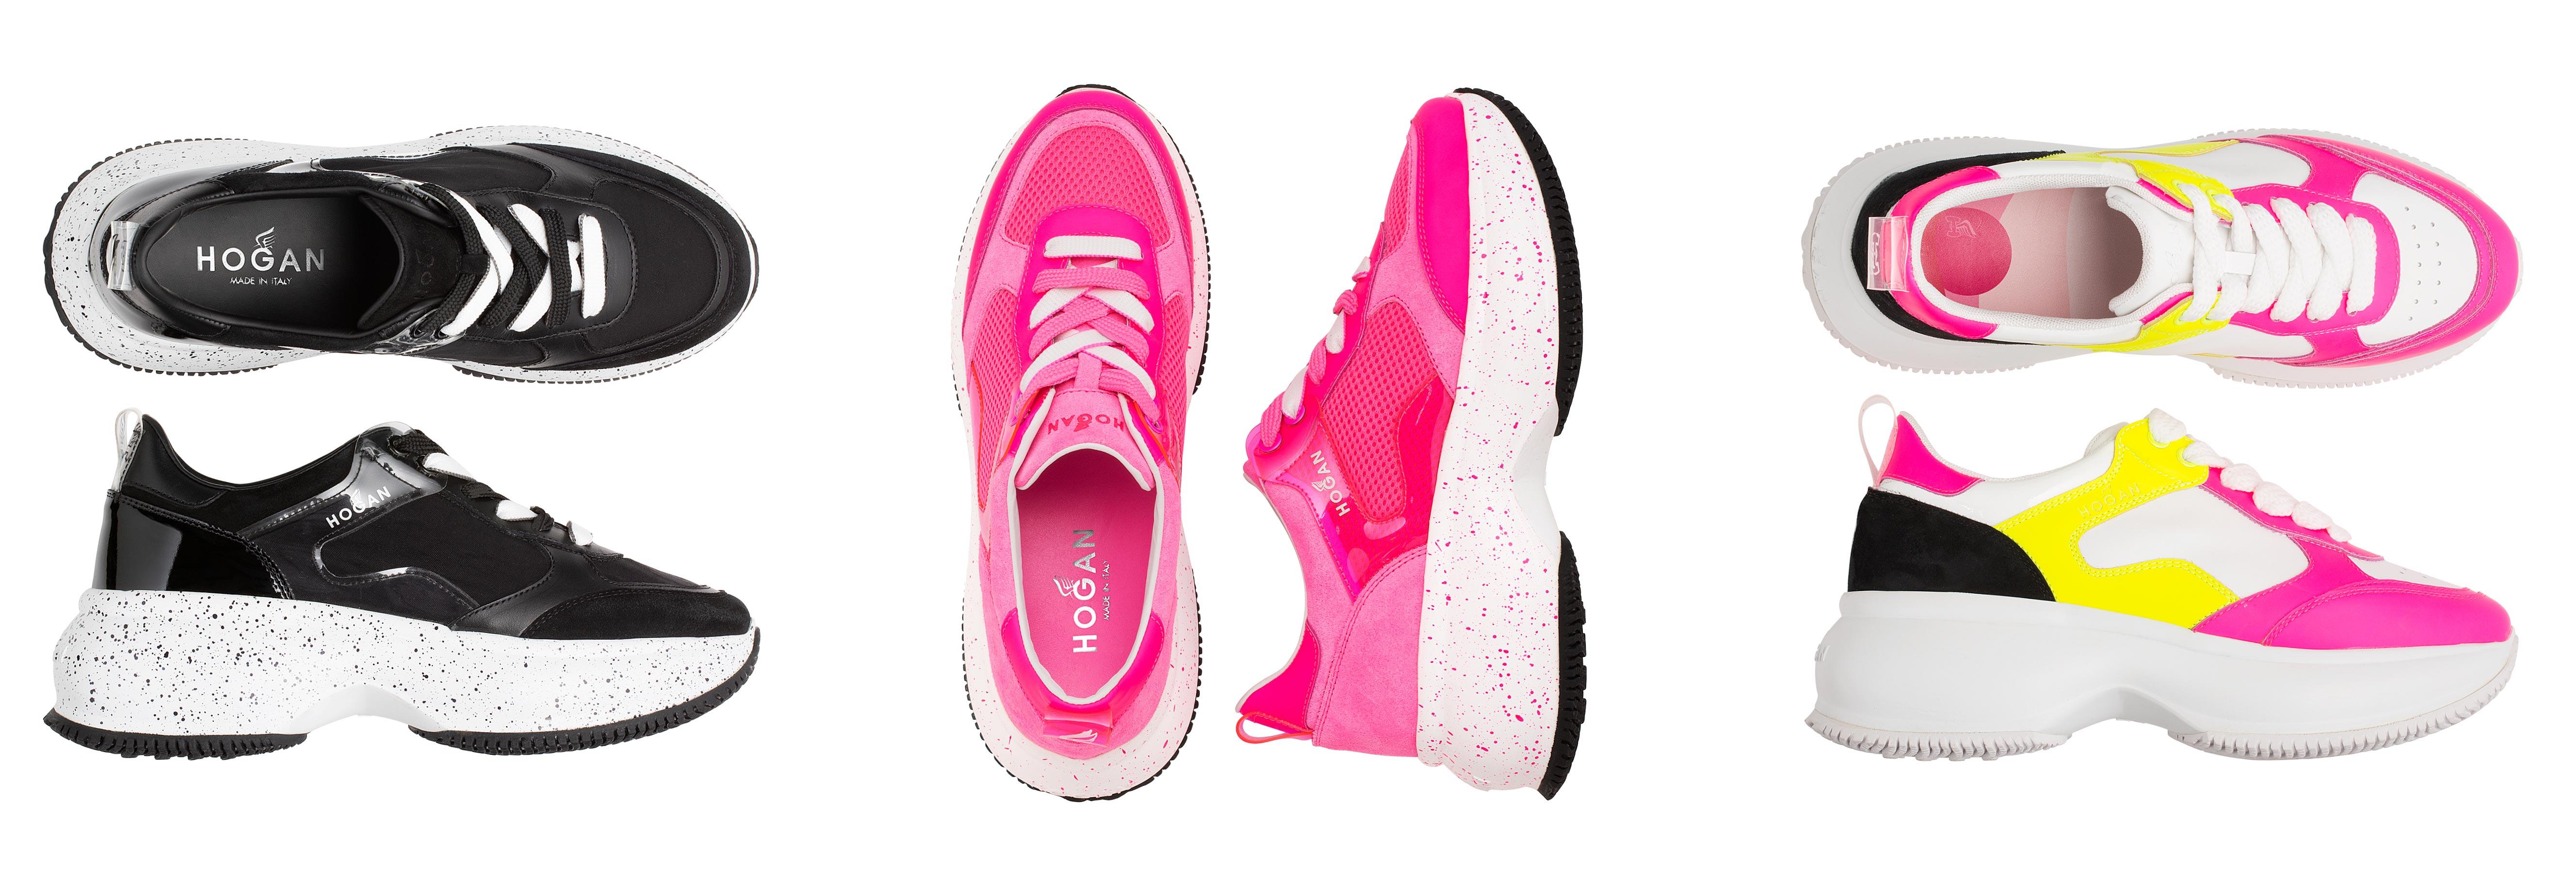 Le scarpe che ameremo per la primavera 2019  Hogan presenta la nuova ... 7f50db2e38d